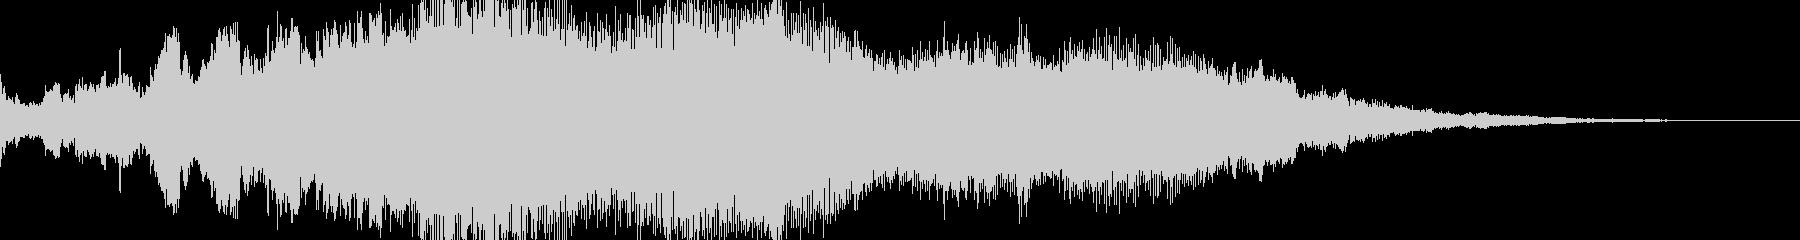 サウンドロゴ シンセサイザーの未再生の波形